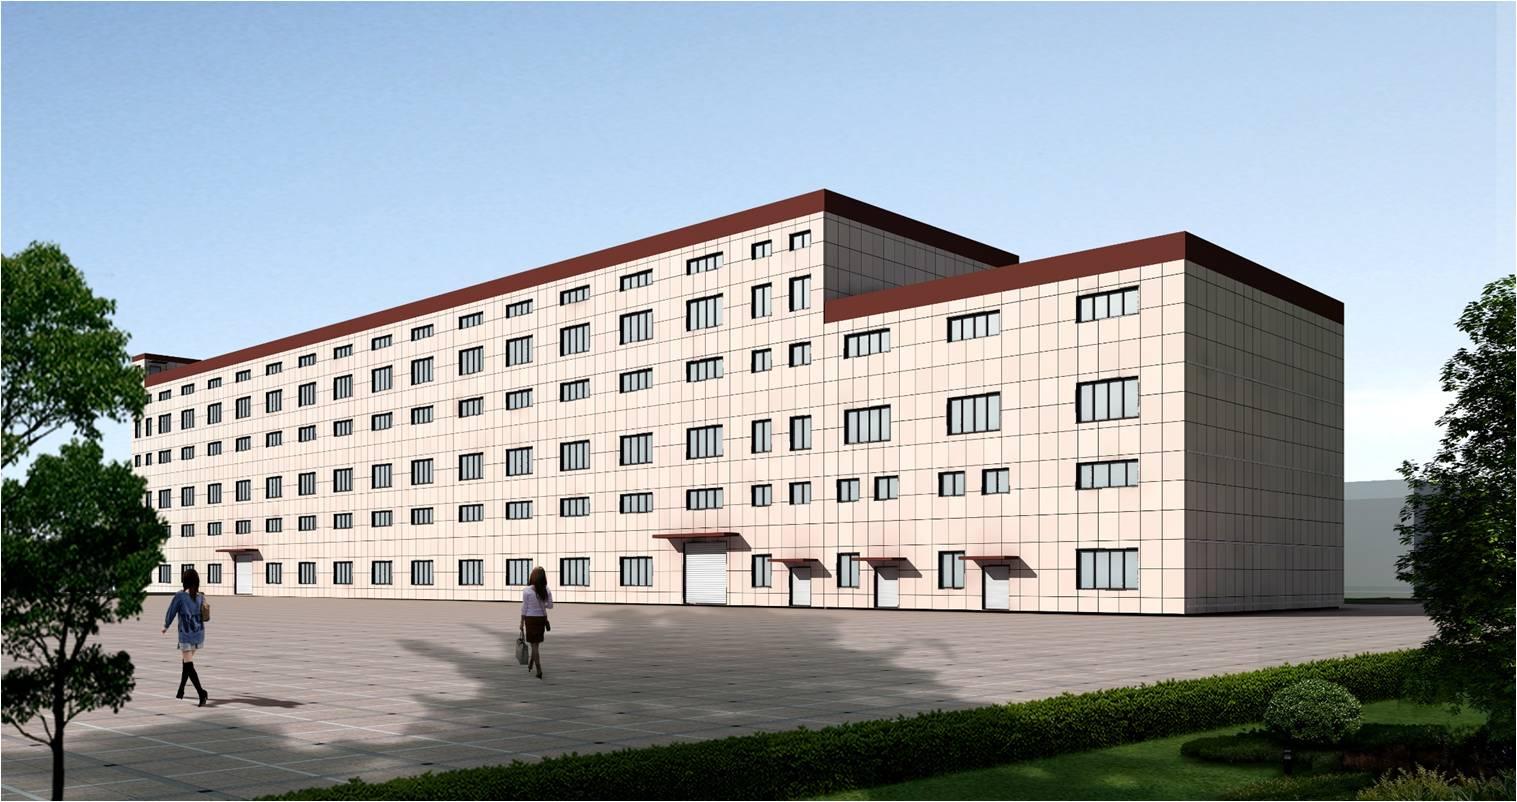 上海e世博app第二生产基地在安庆市高新区顺利举行开工庆典